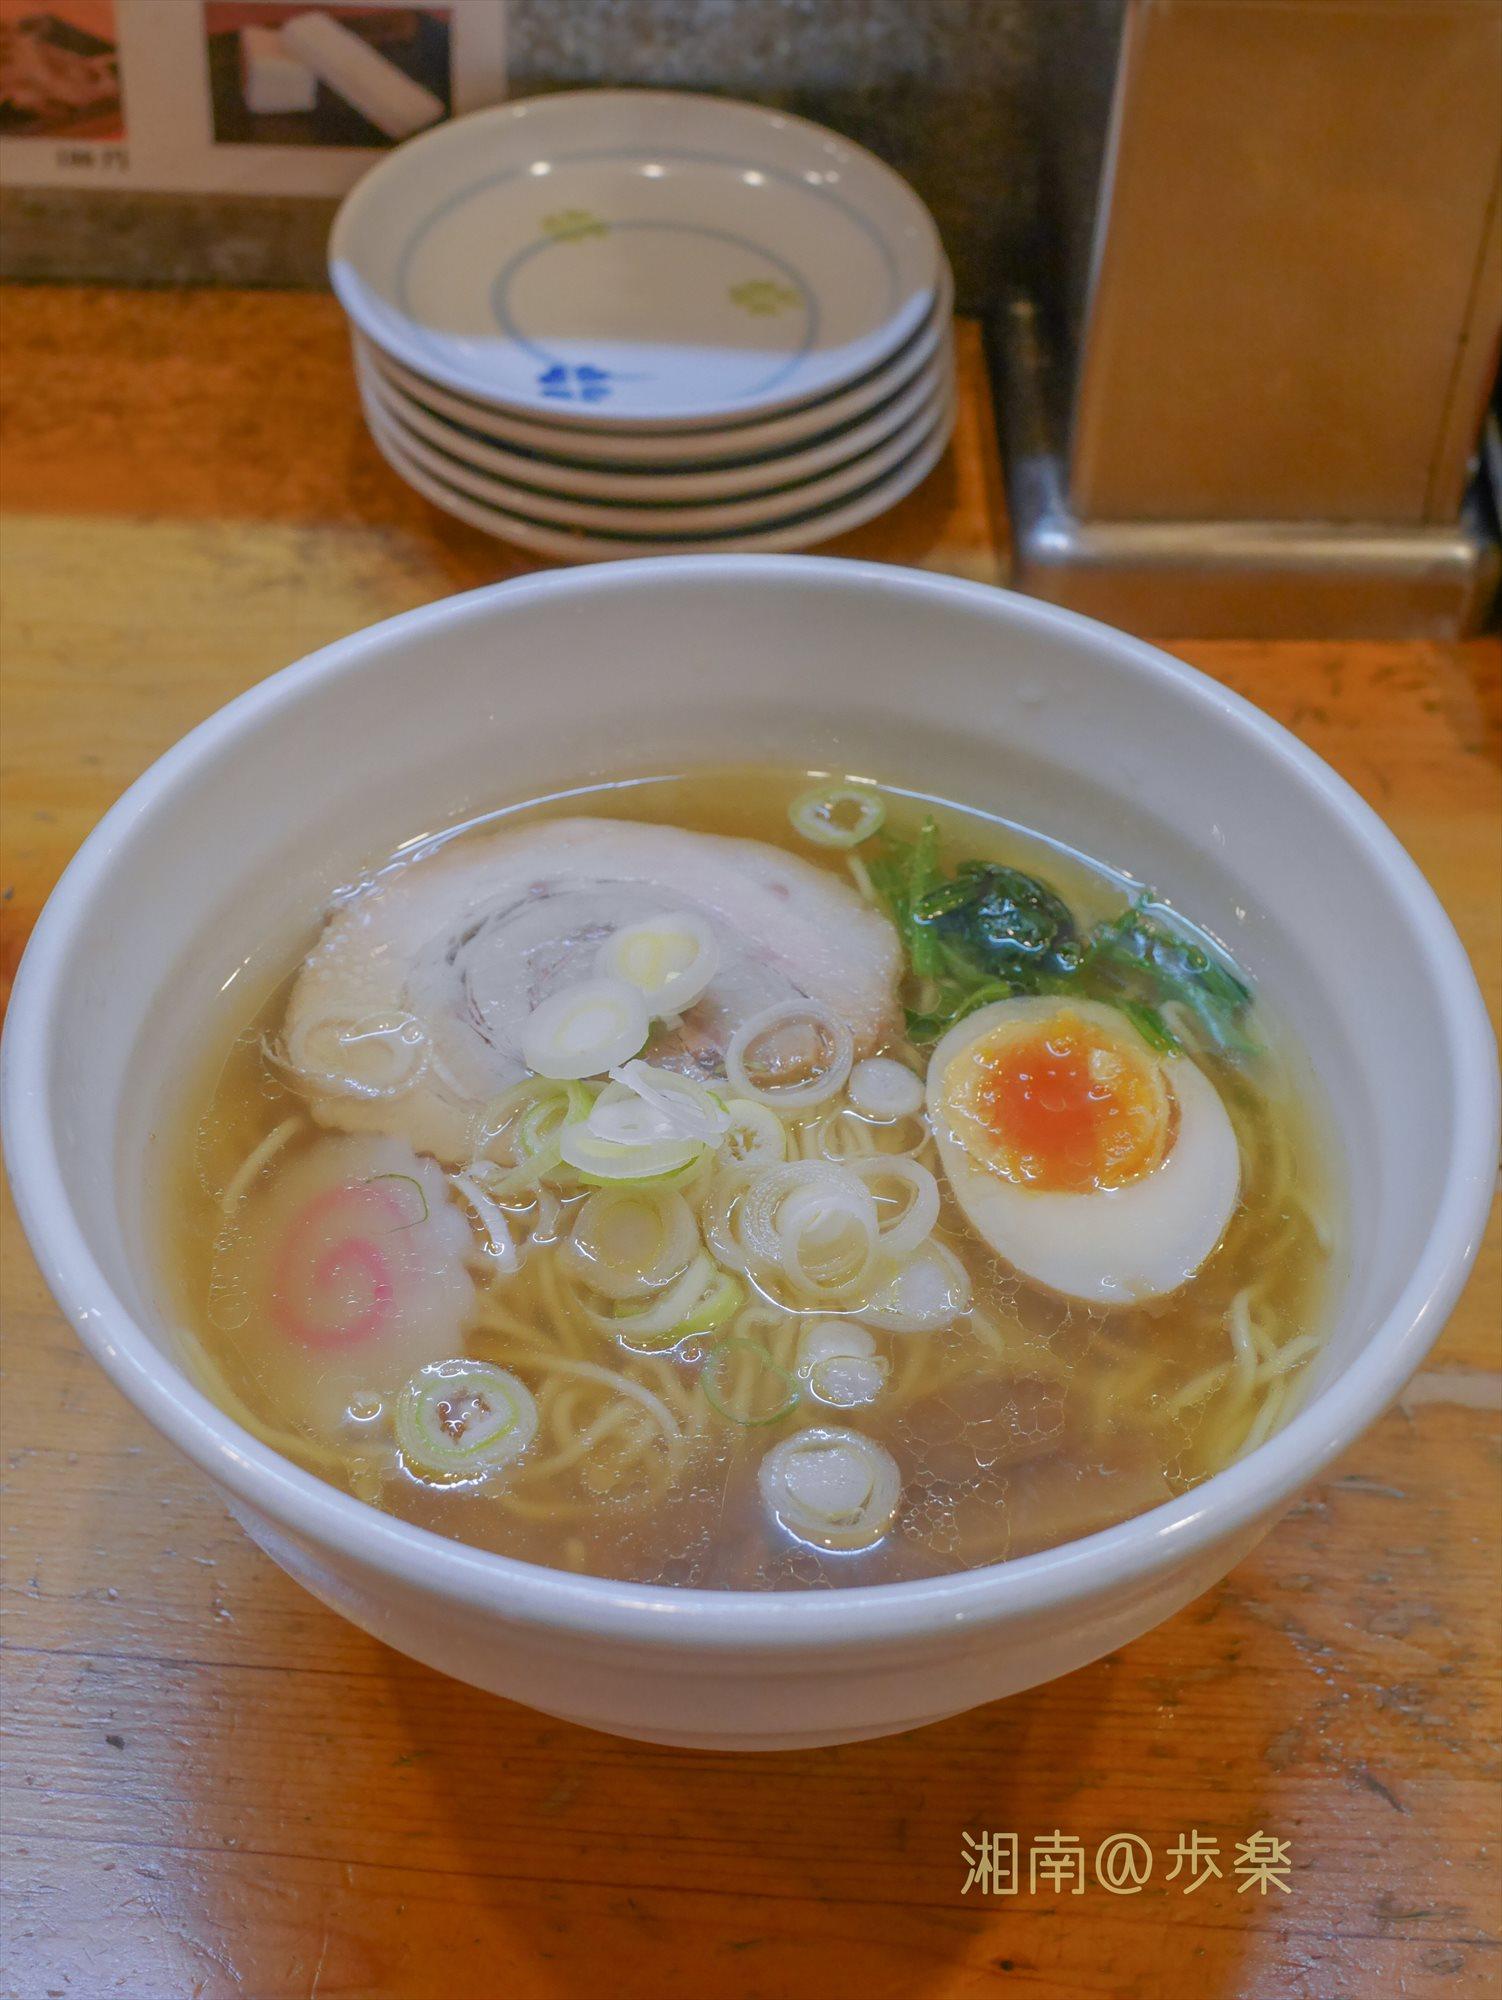 スープを一口飲んでみる・・・